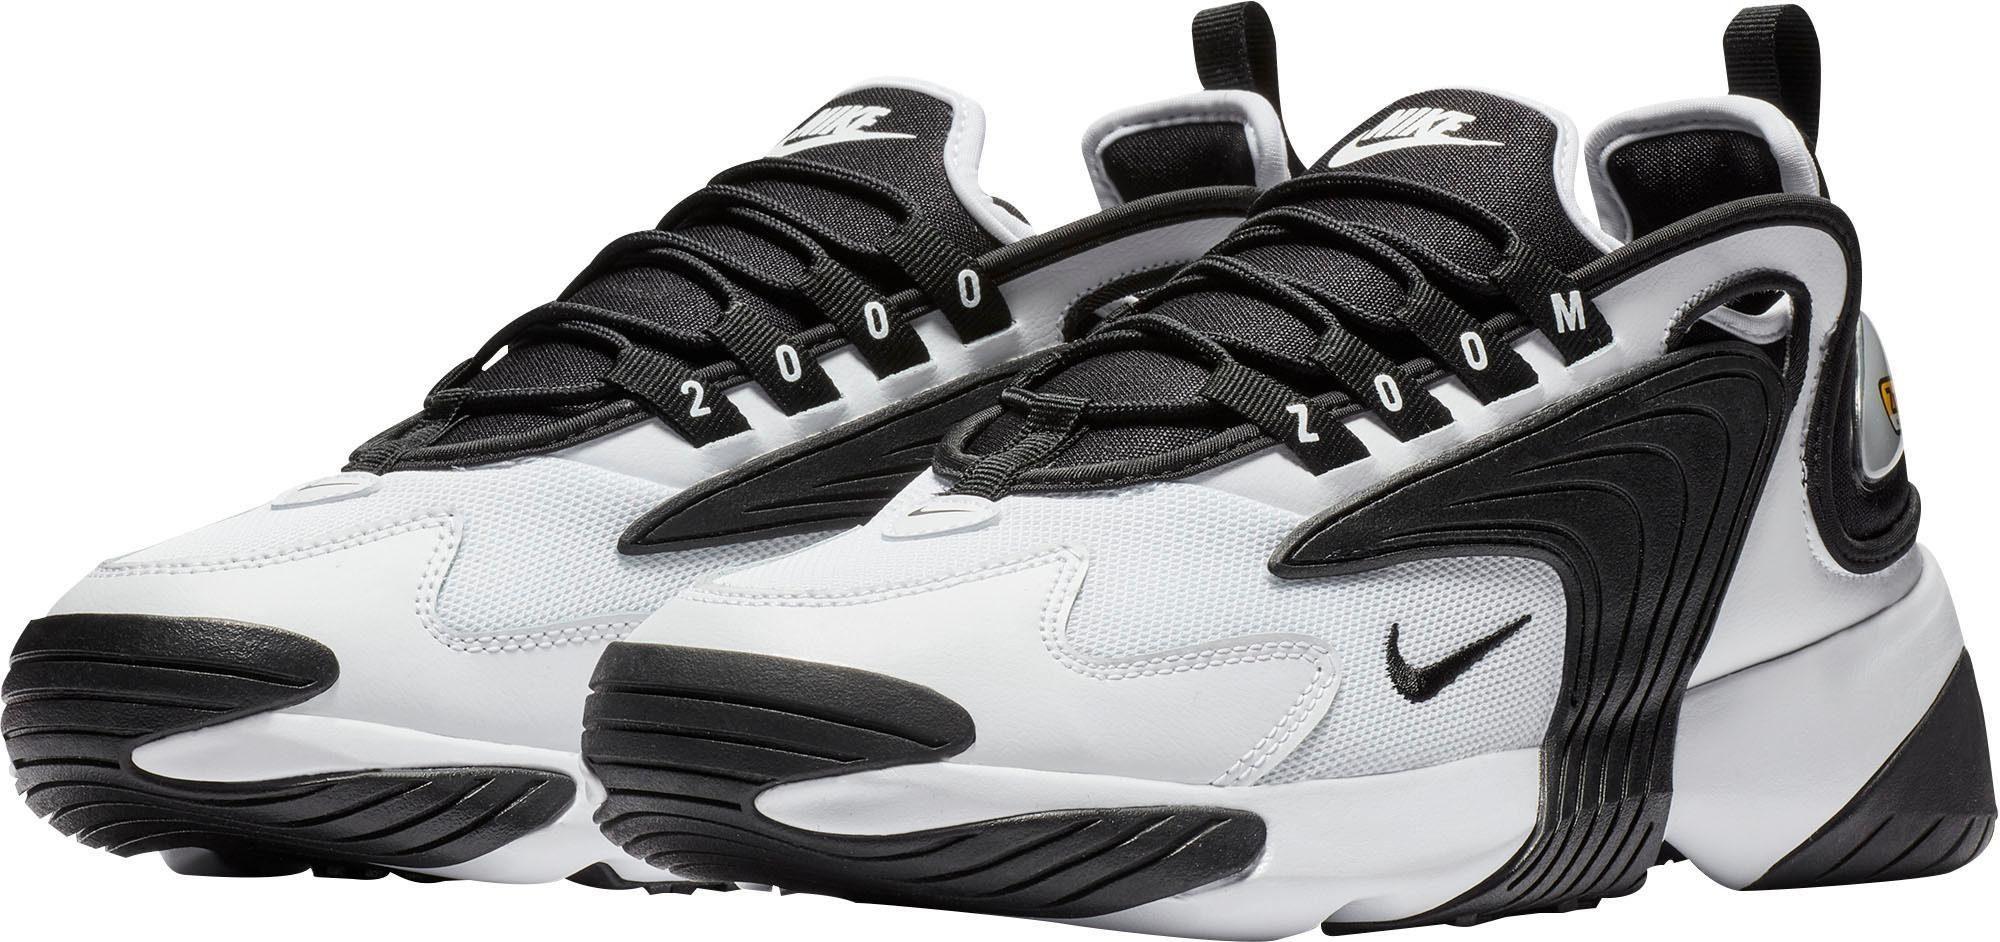 Nike Sportswear »Zoom 2k« Sneaker, Trendiger Sneaker von Nike Sportswear online kaufen | OTTO